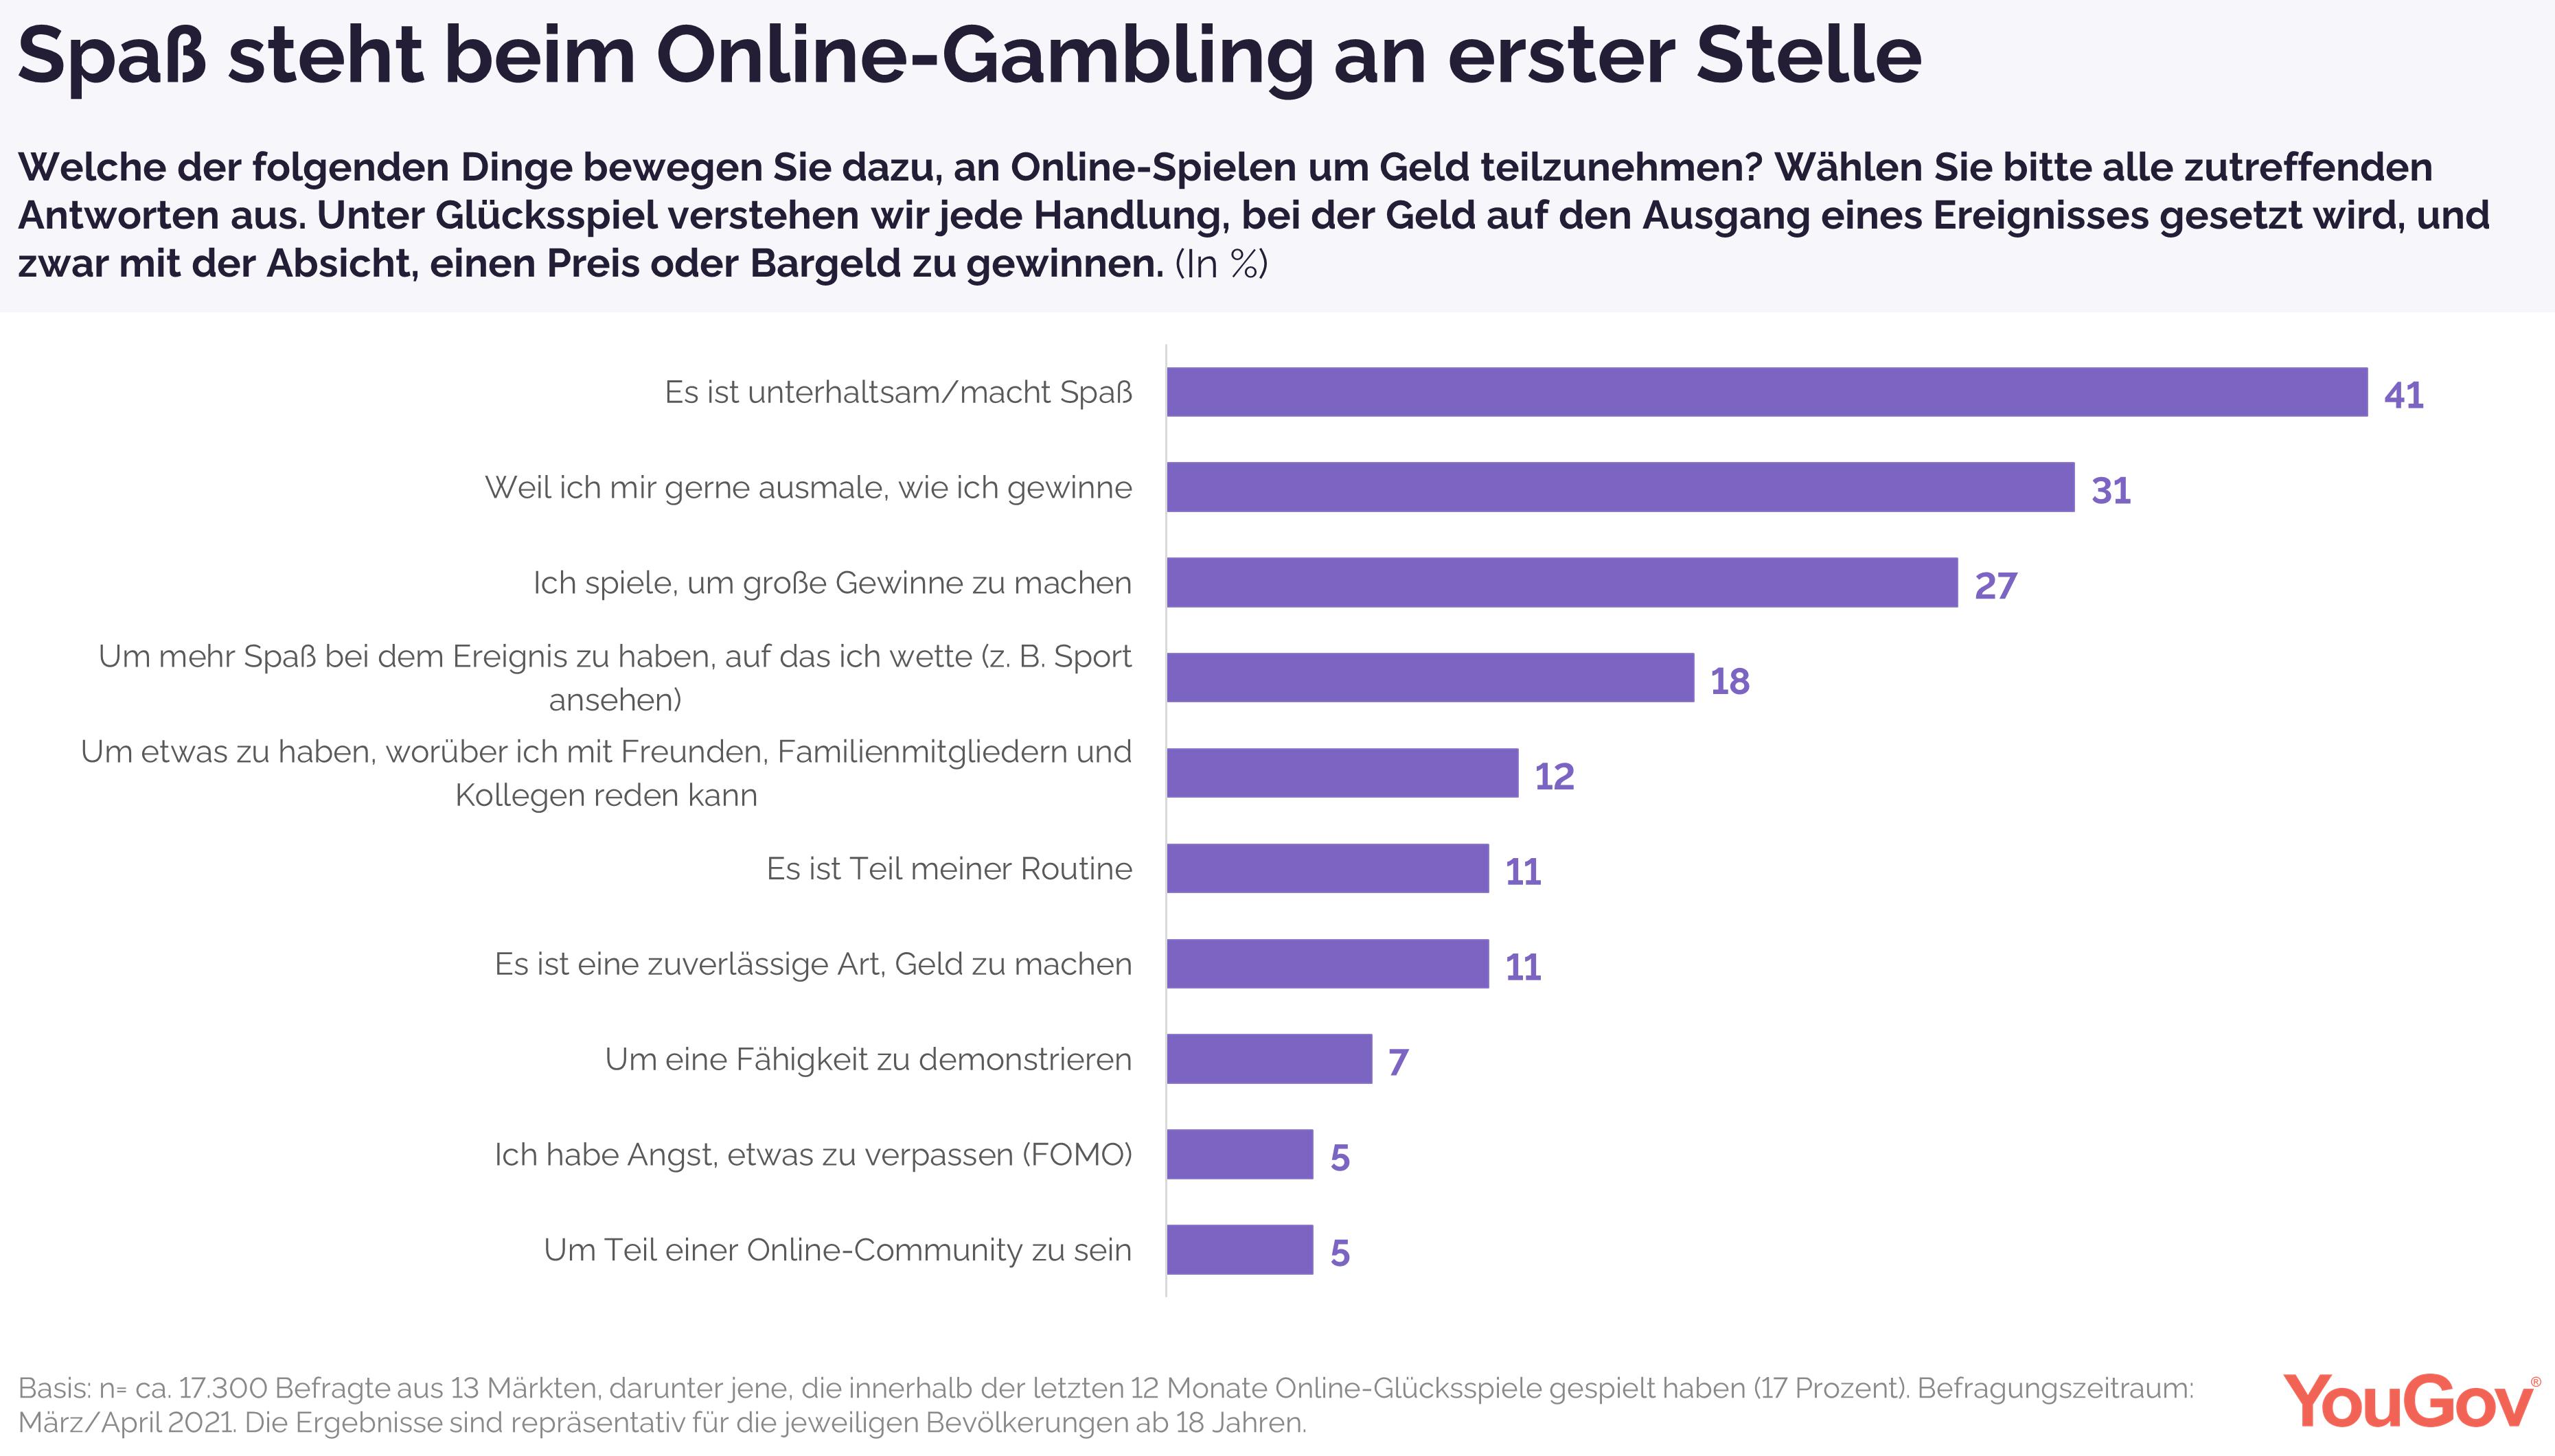 Spaß und Unterhaltung an erster Stelle beim Online-Gambling